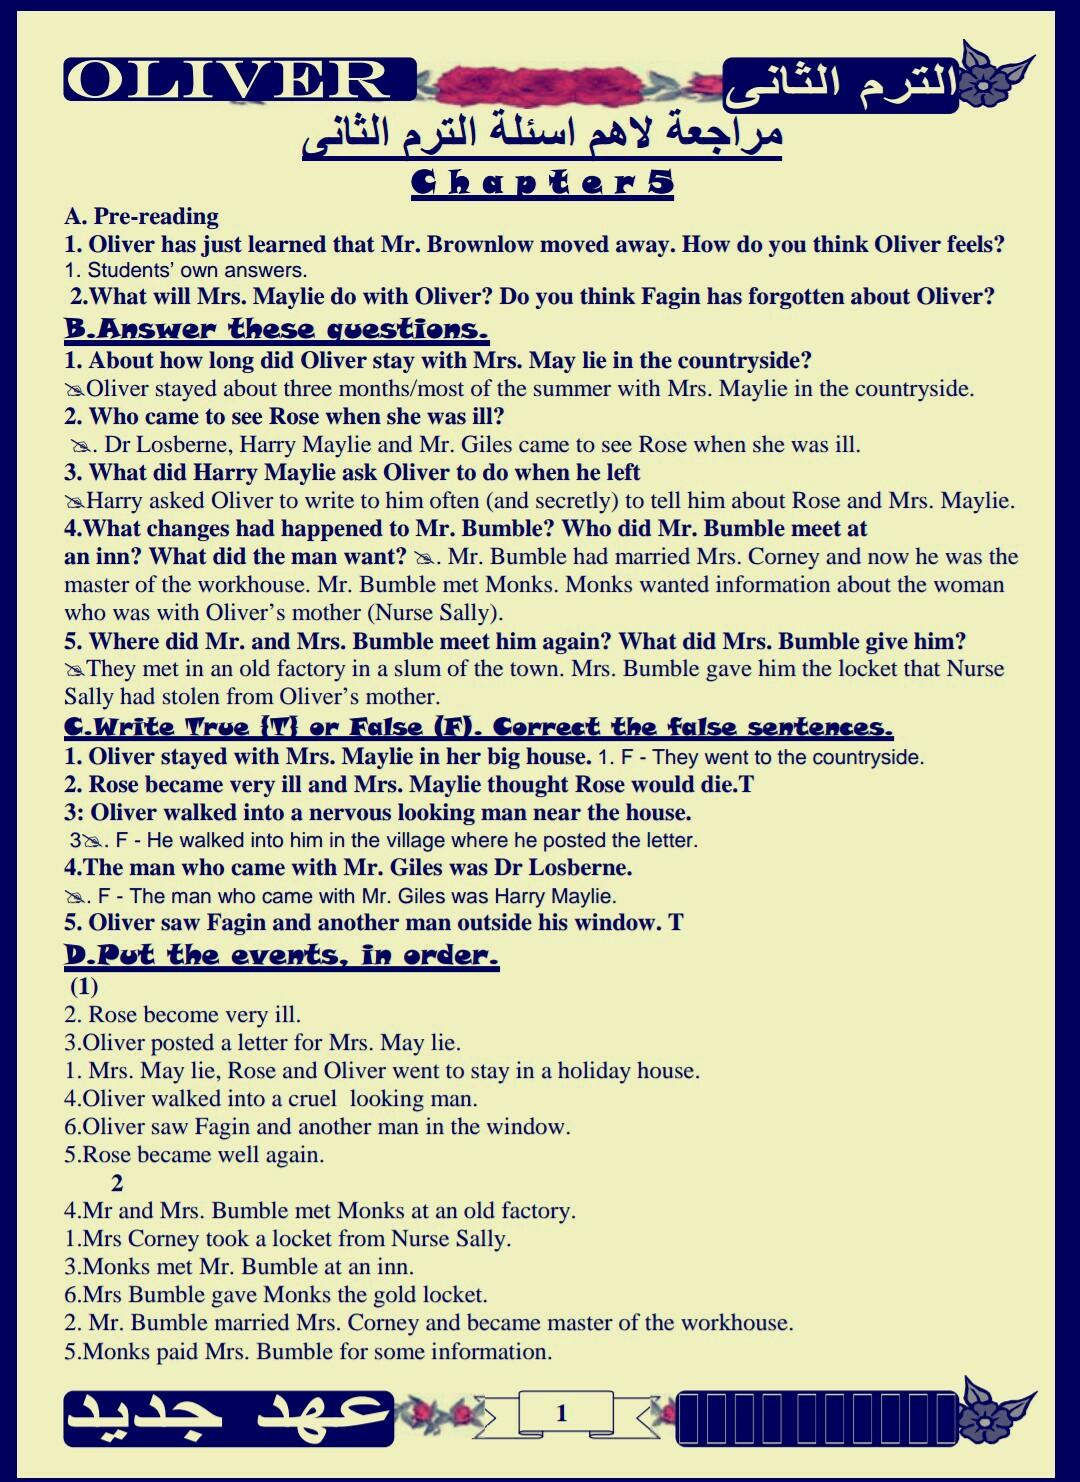 تحميل قصة اوليفر تويست للصف الاول الثانوى pdf